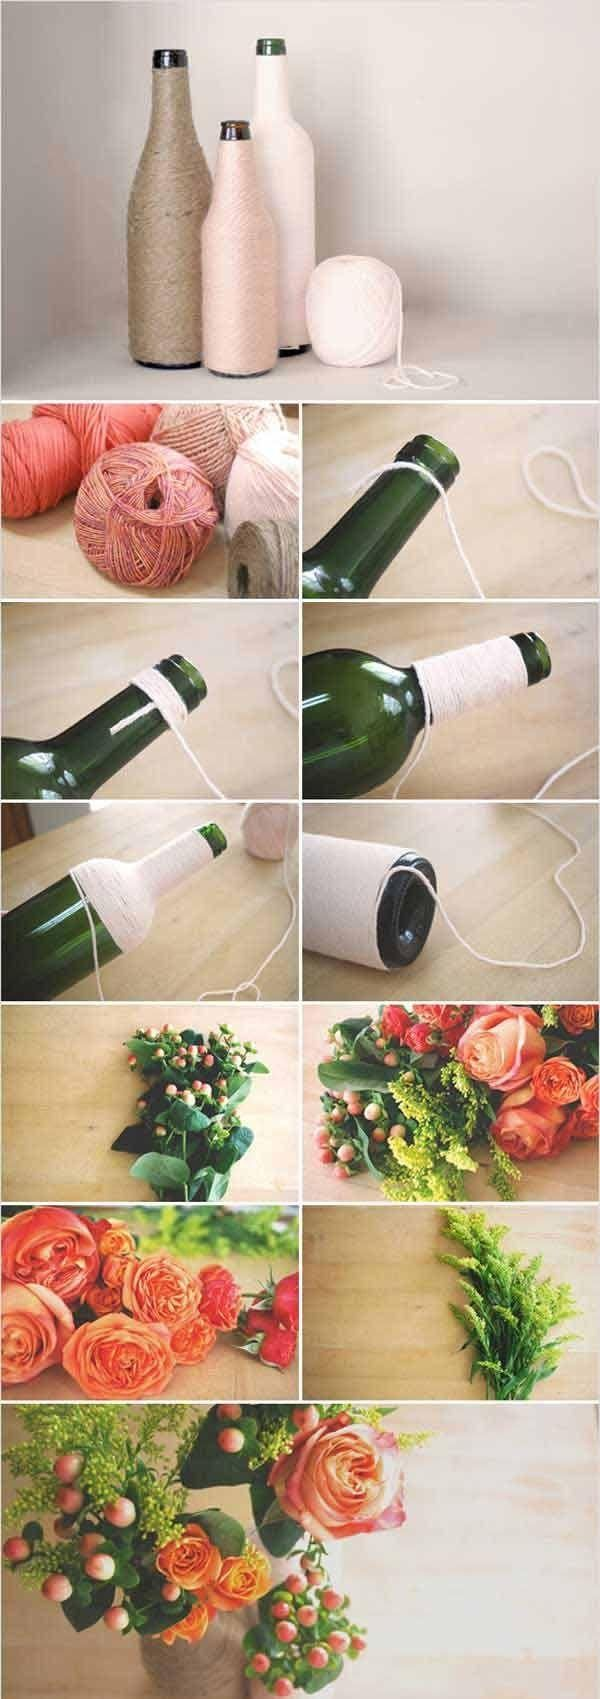 tischdeko hochzeit selber machen blumenvasen glasflaschen